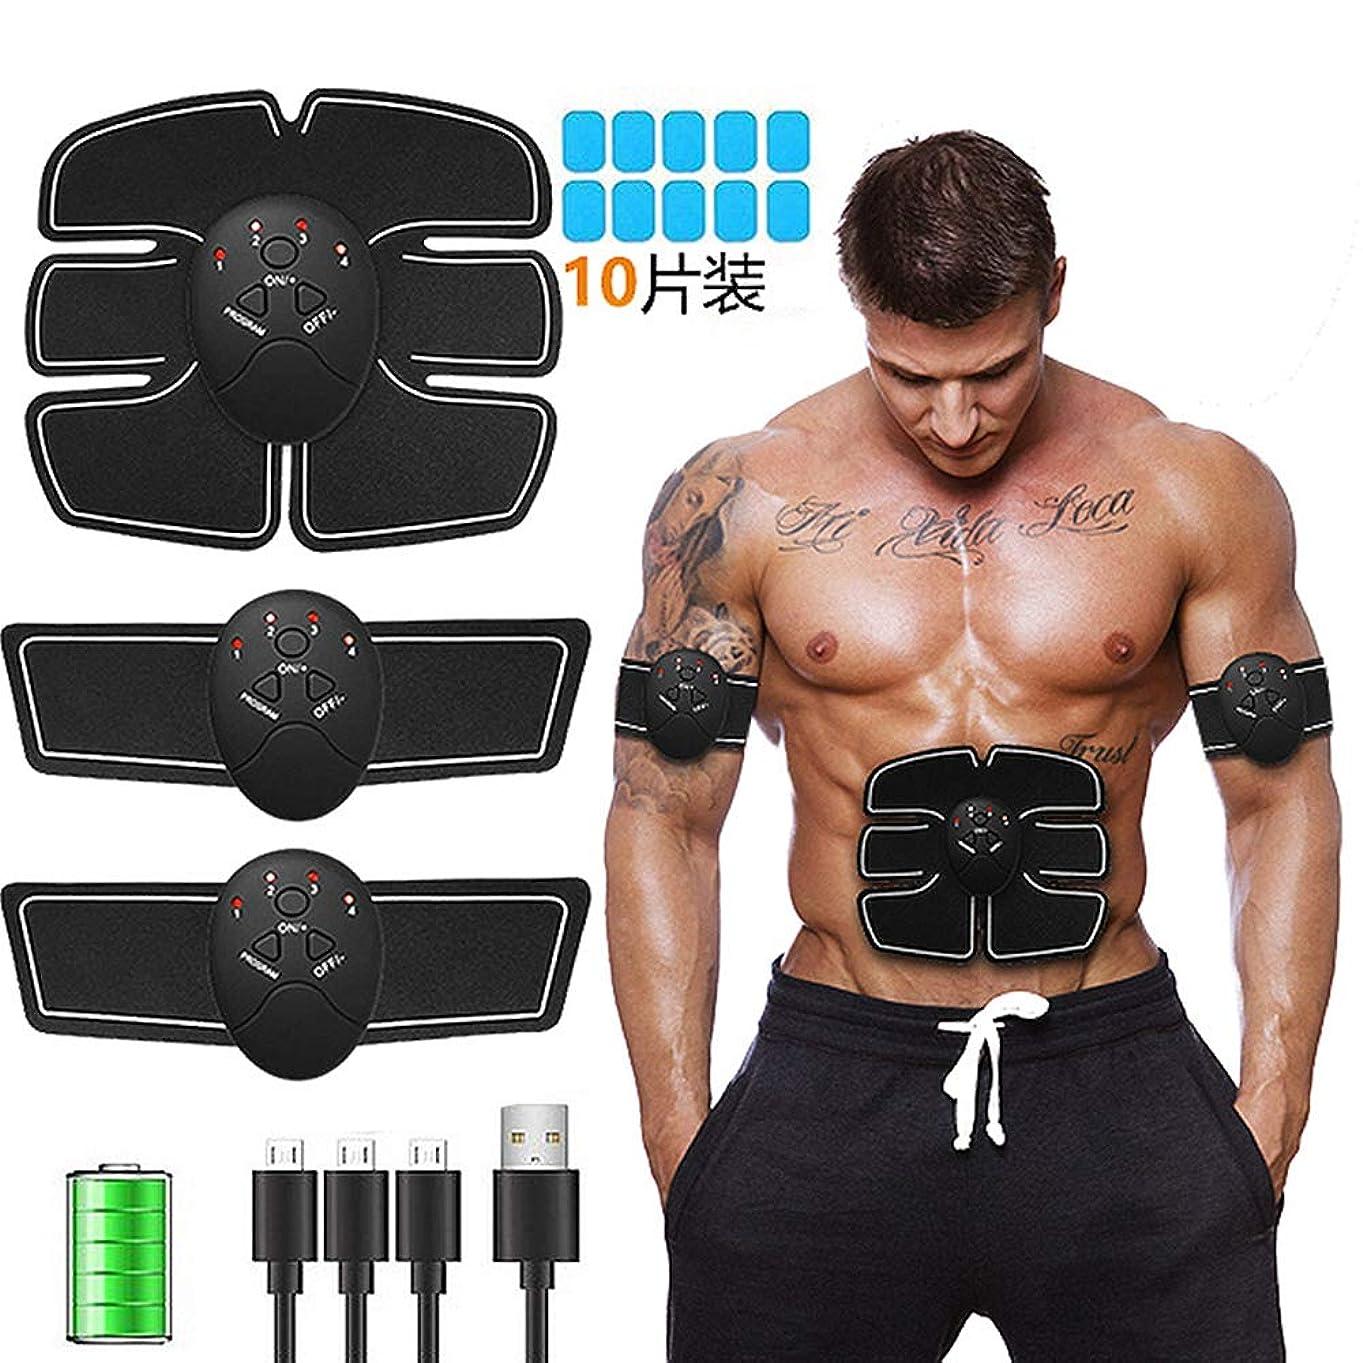 スマート腹部トレーナーusb電気ワイヤレスems筋肉刺激脂肪燃焼腰減量保つフィットネス機器フルボディマッサージユニセックス